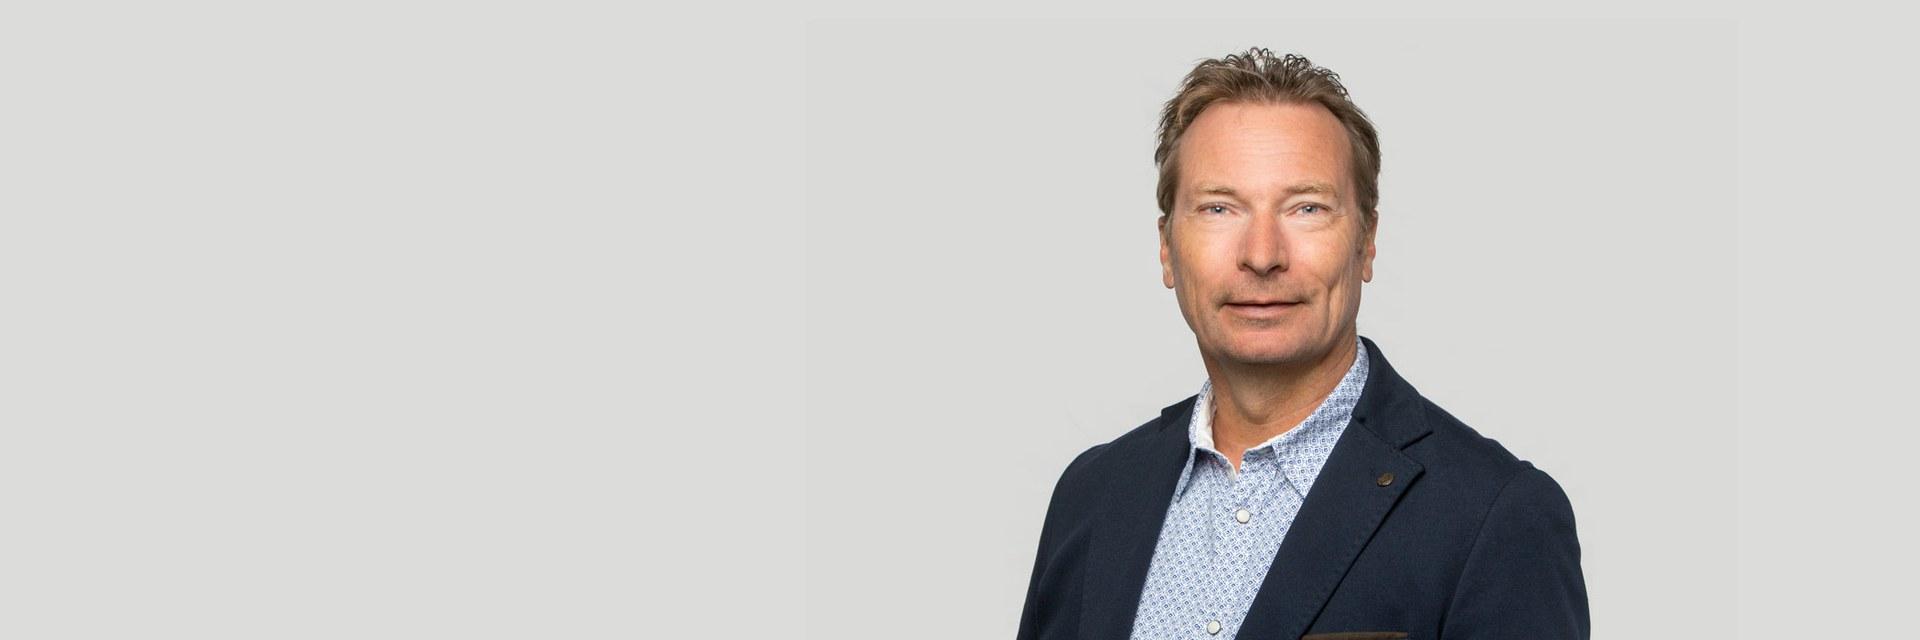 lic. oec. publ. Andreas Mühlhäuser